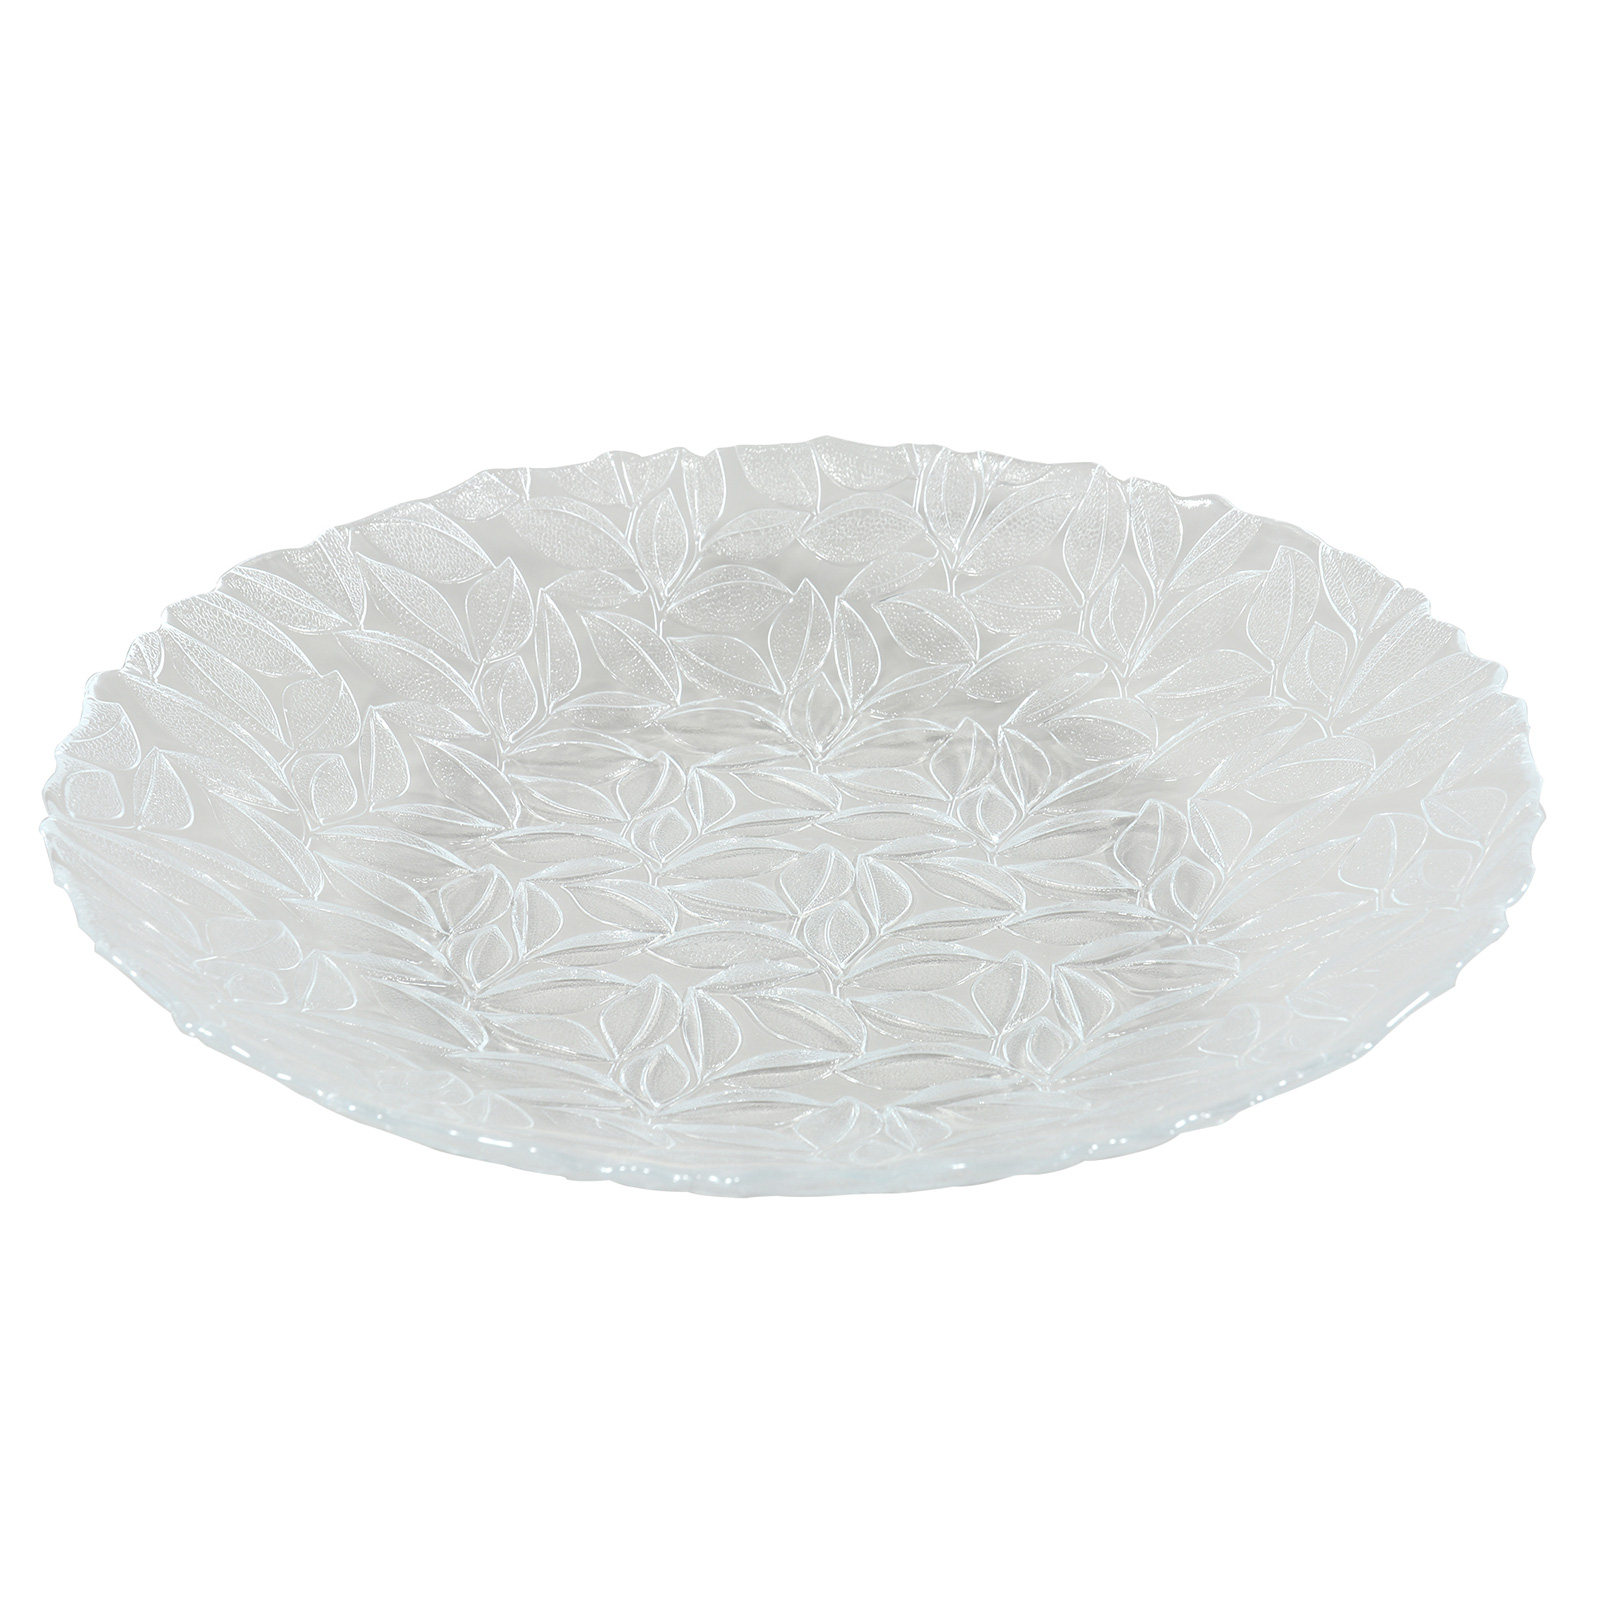 Centre de table en verre pressé 40 cm - Lot de 4